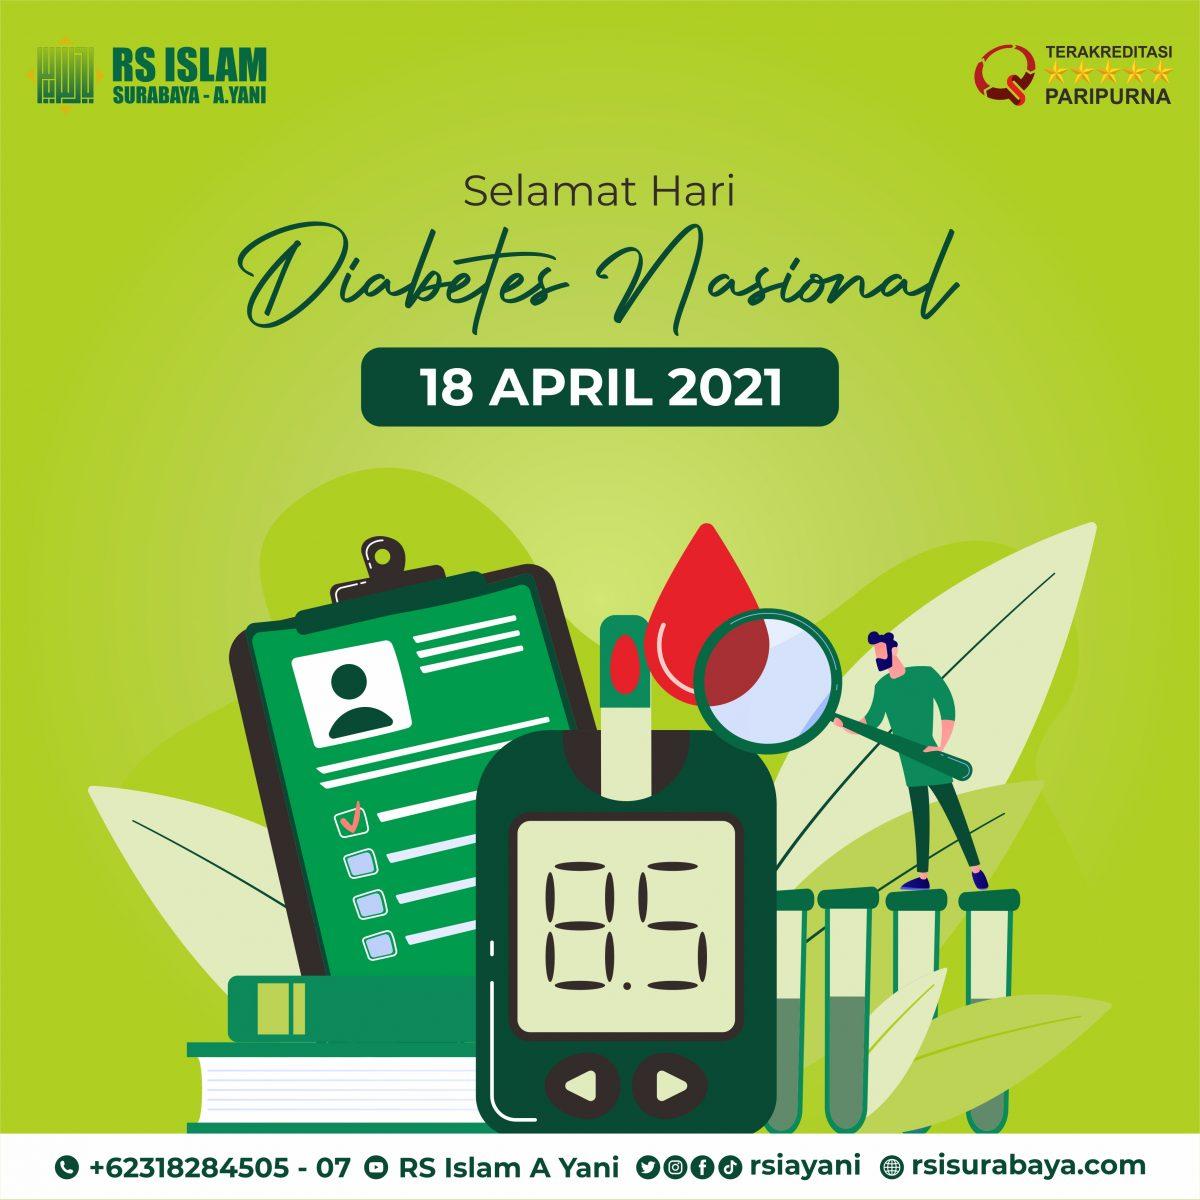 Diabetes-Nasional-1200x1200.jpg